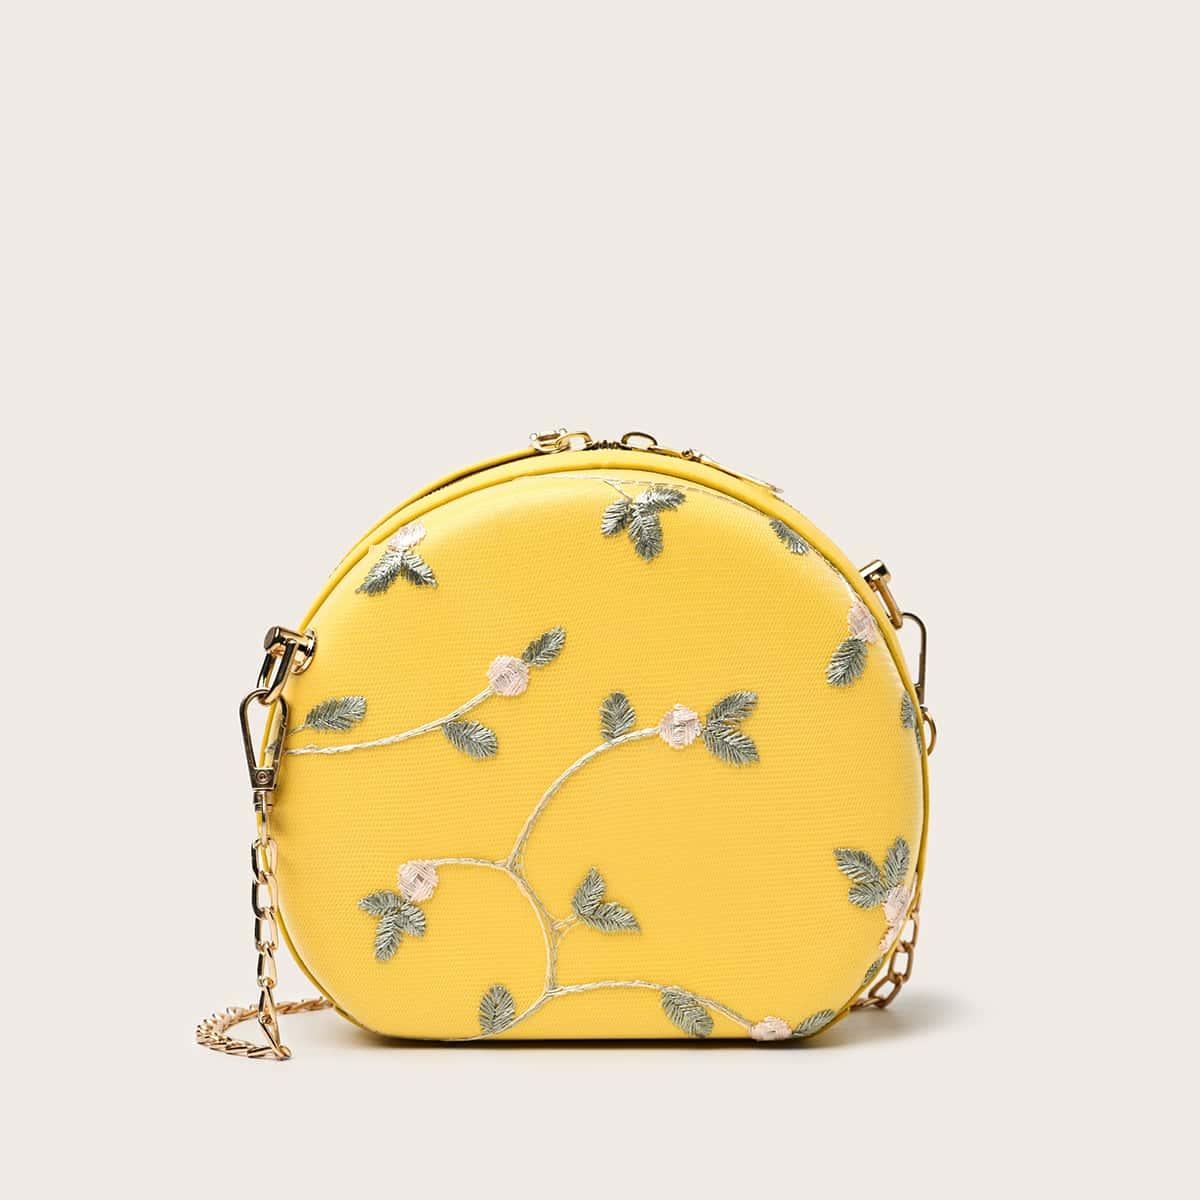 Круглая сумка на цепочке с цветочной вышивкой